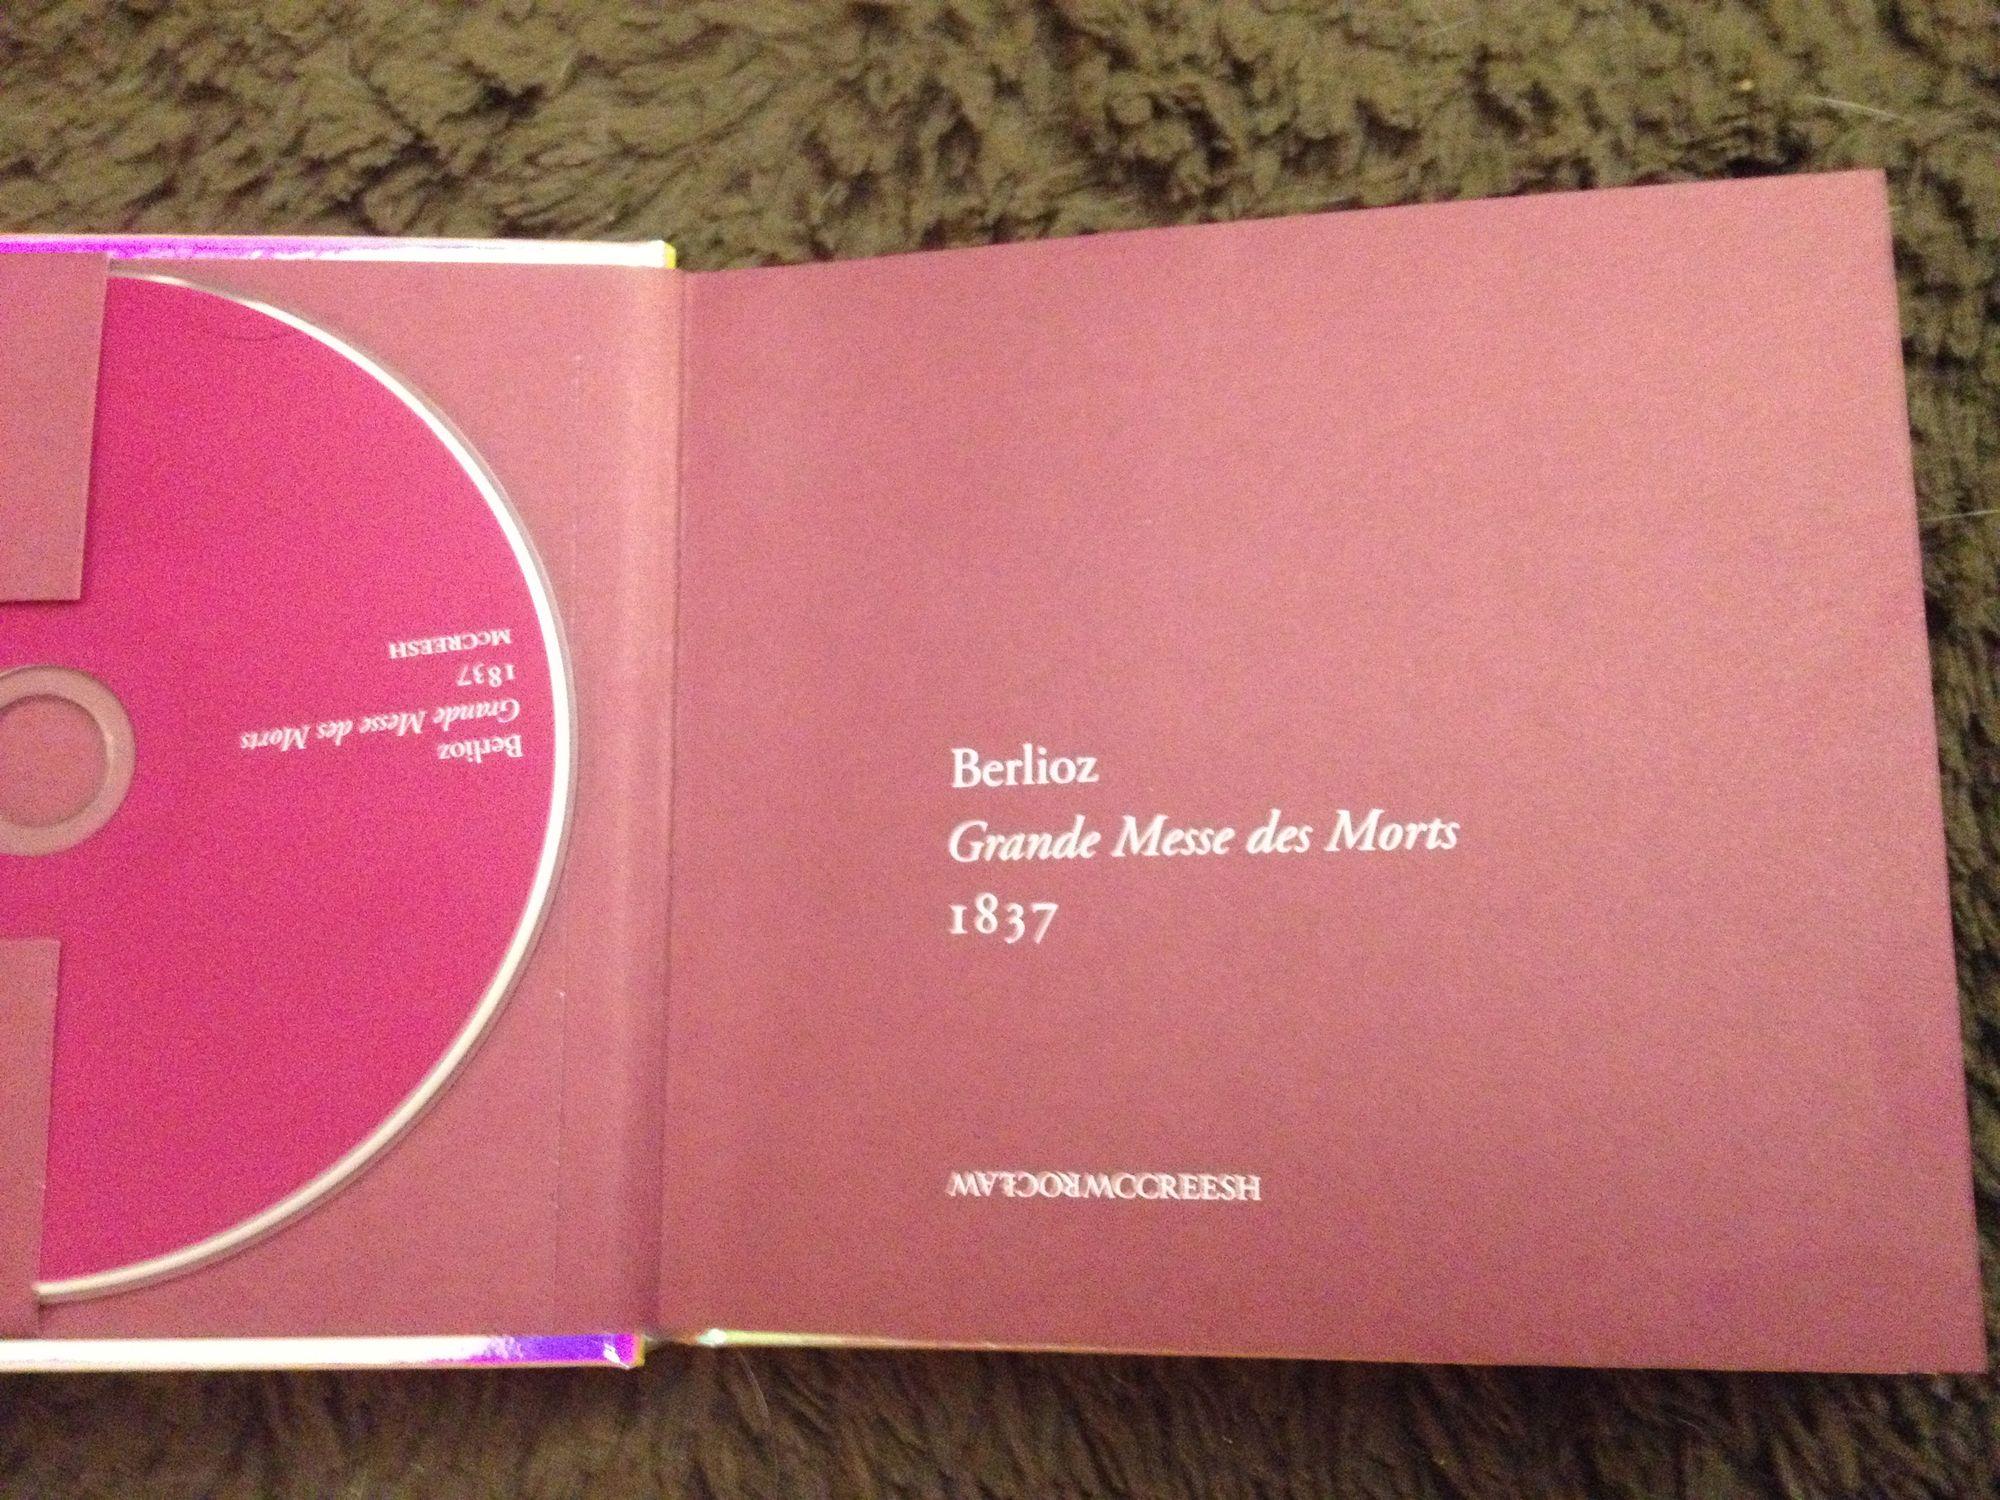 不論是打開封底還是封面,第一頁都是一樣的設計,內文一半是英文,一半是波蘭文。雙封面玩得如此,實在驚喜。